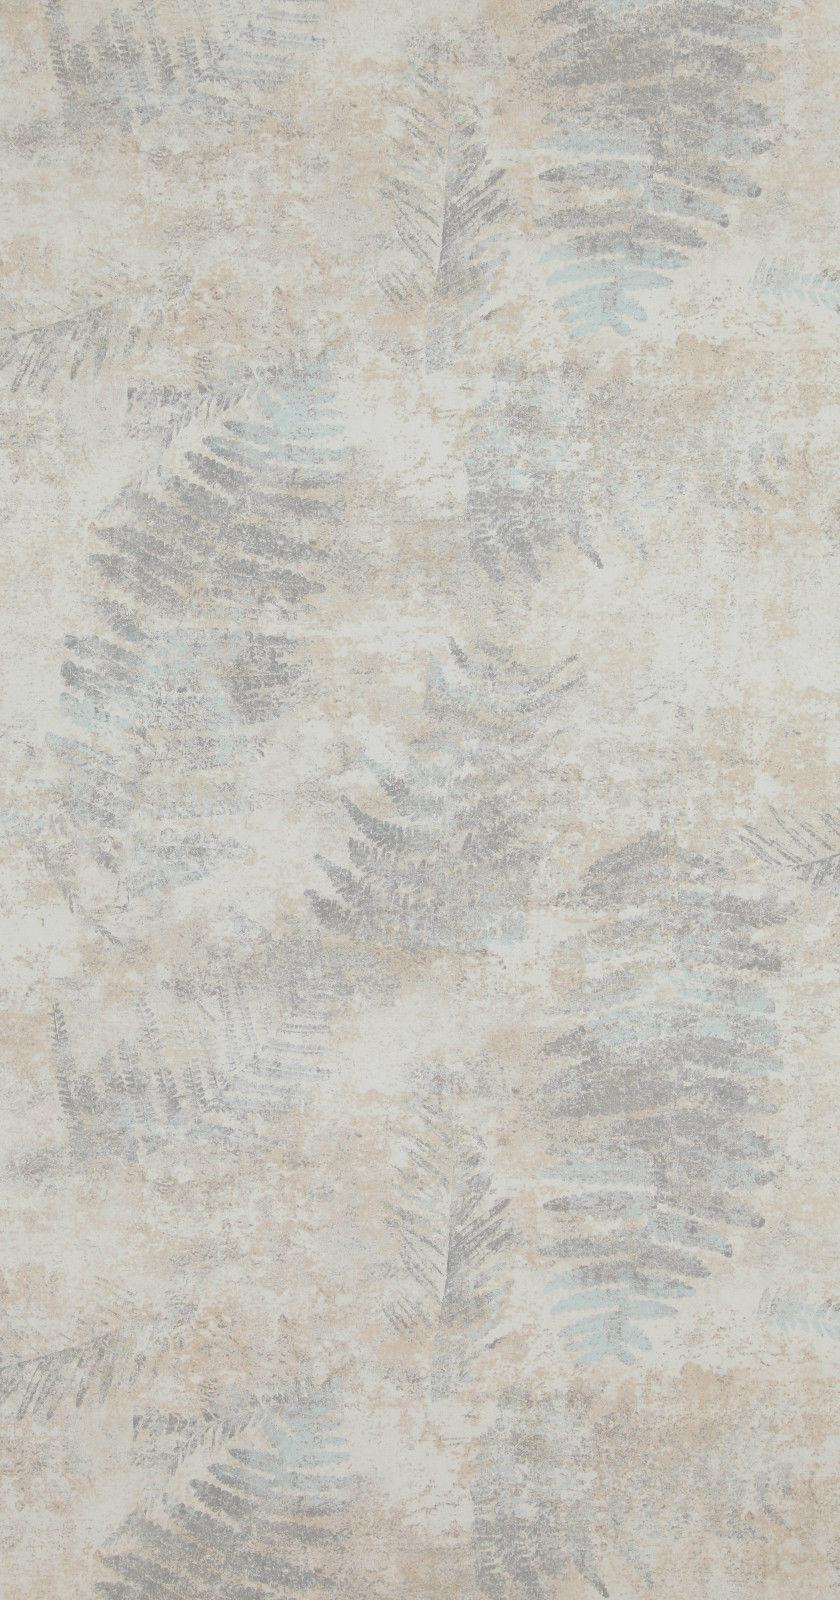 vlies tapete stein beton bl tter zweige creme beige grau. Black Bedroom Furniture Sets. Home Design Ideas